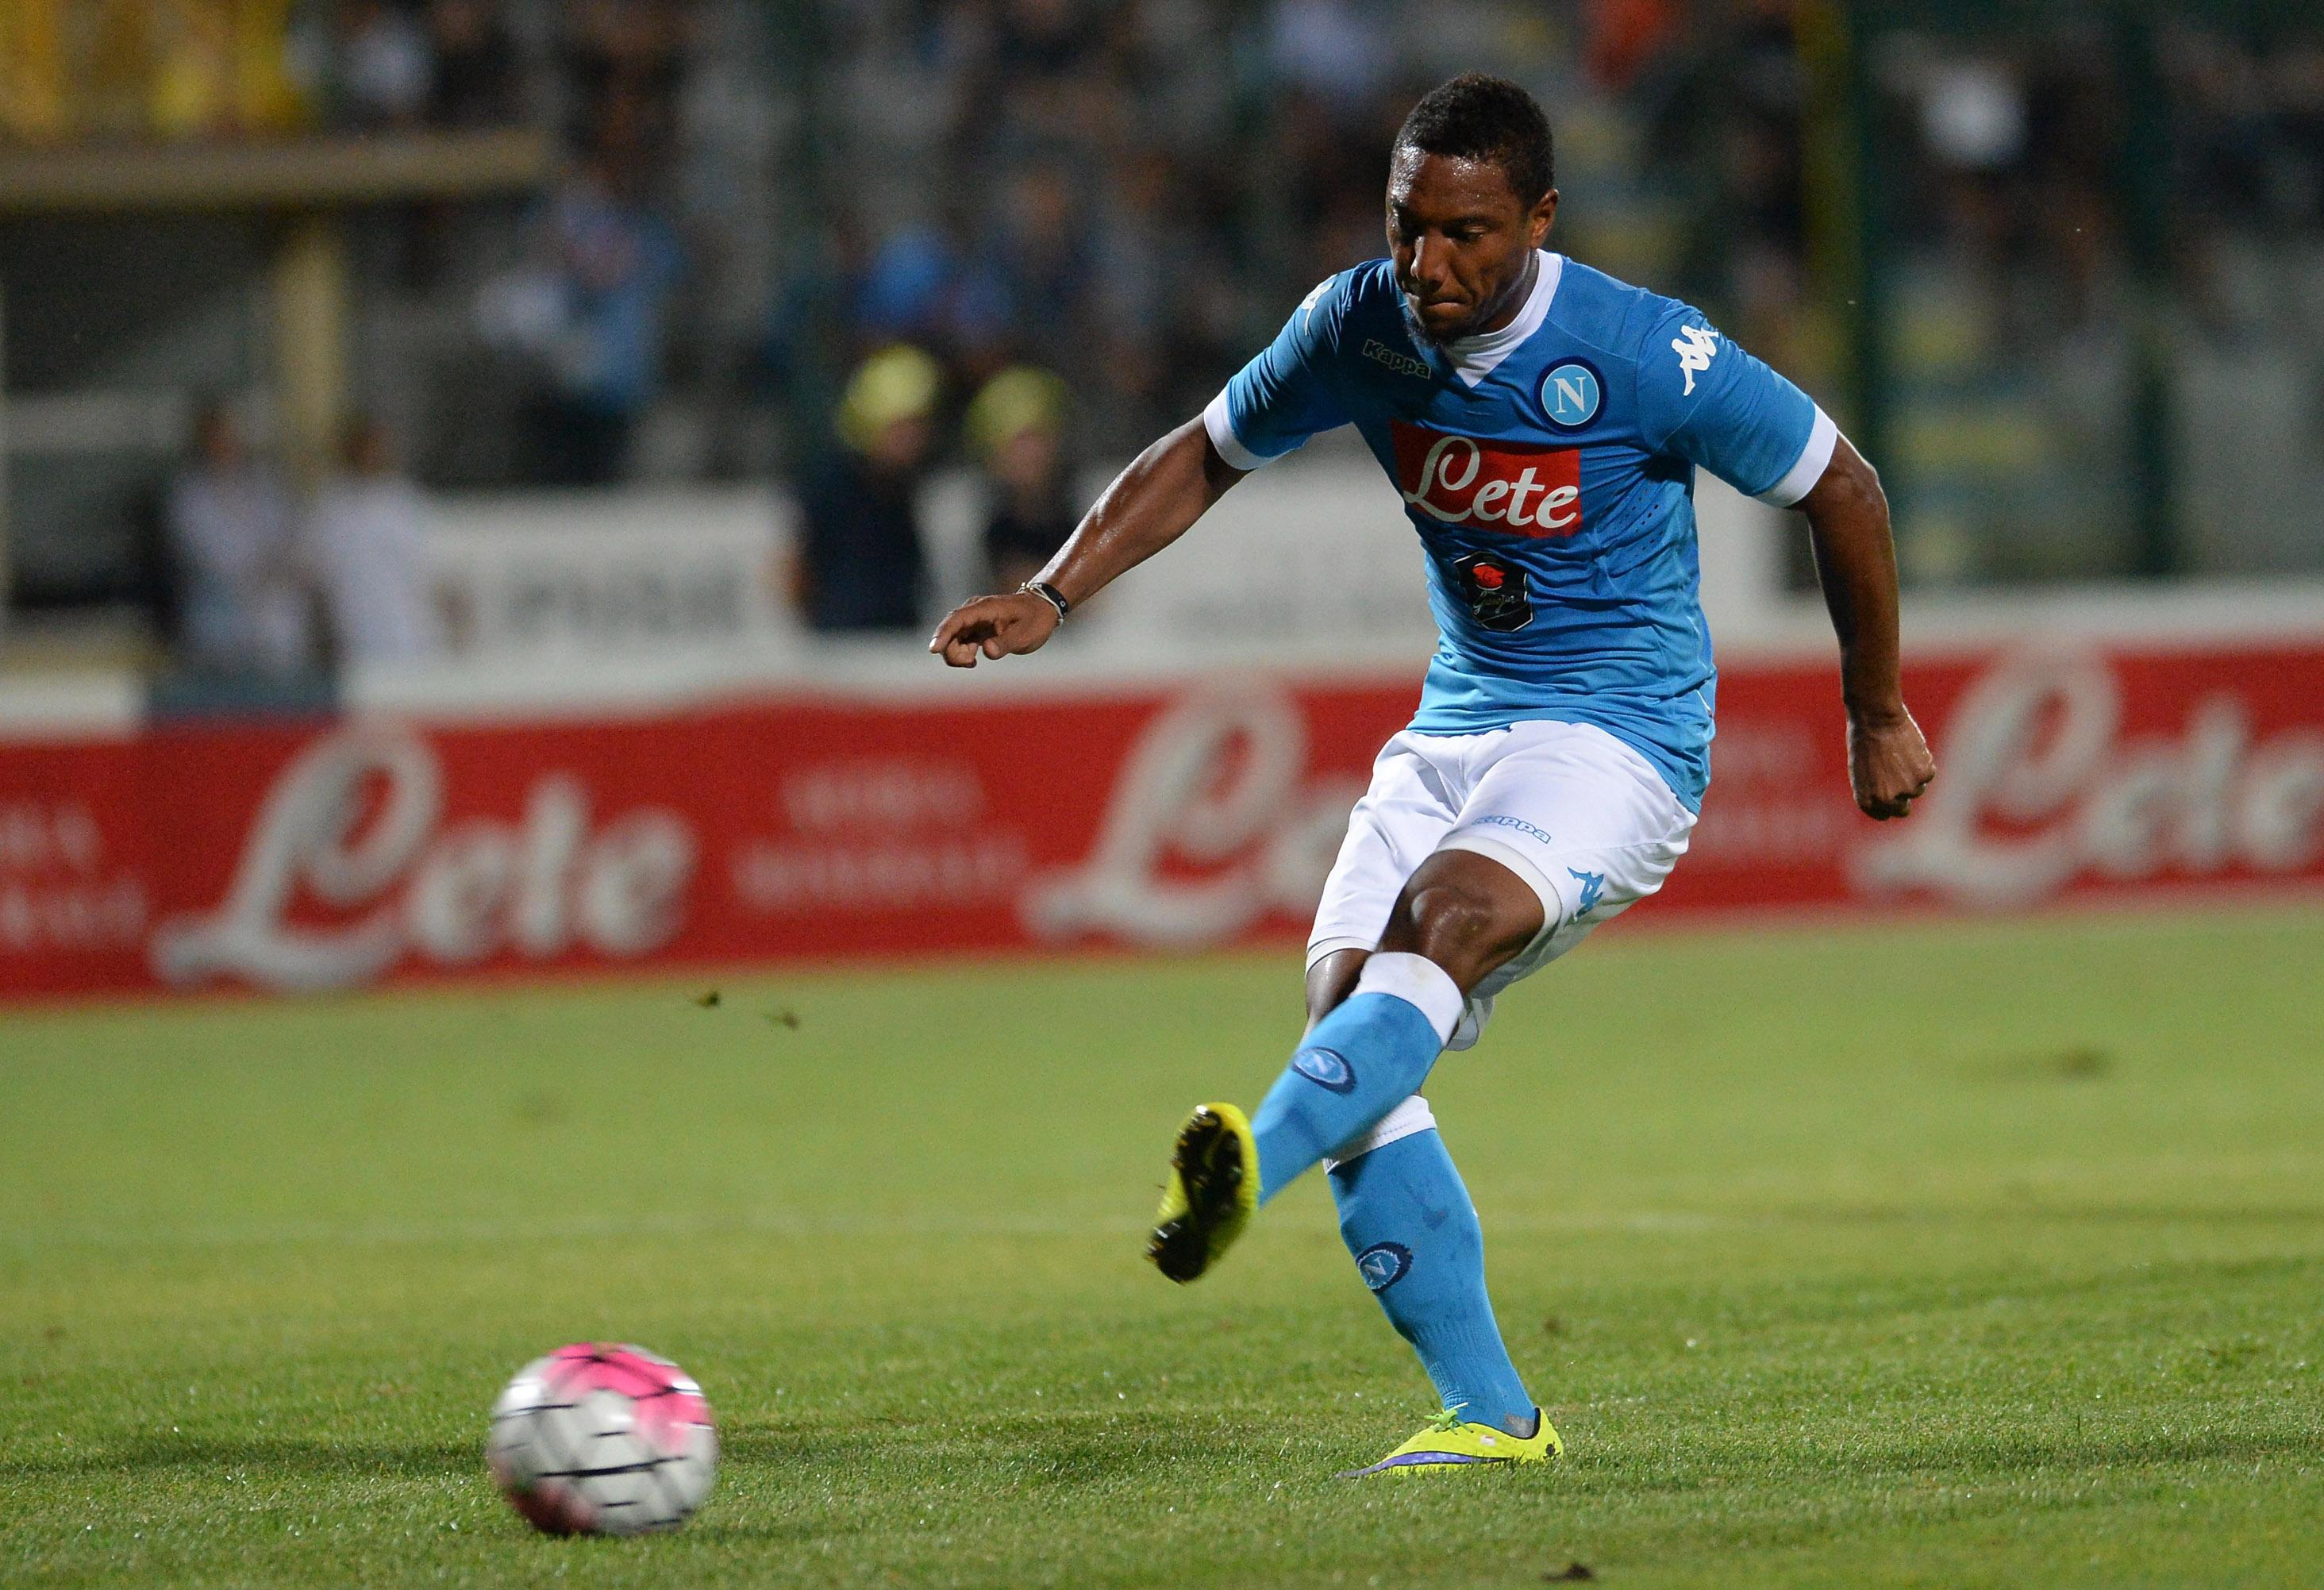 De Guzman's Napoli career was practically over as Sarri's began